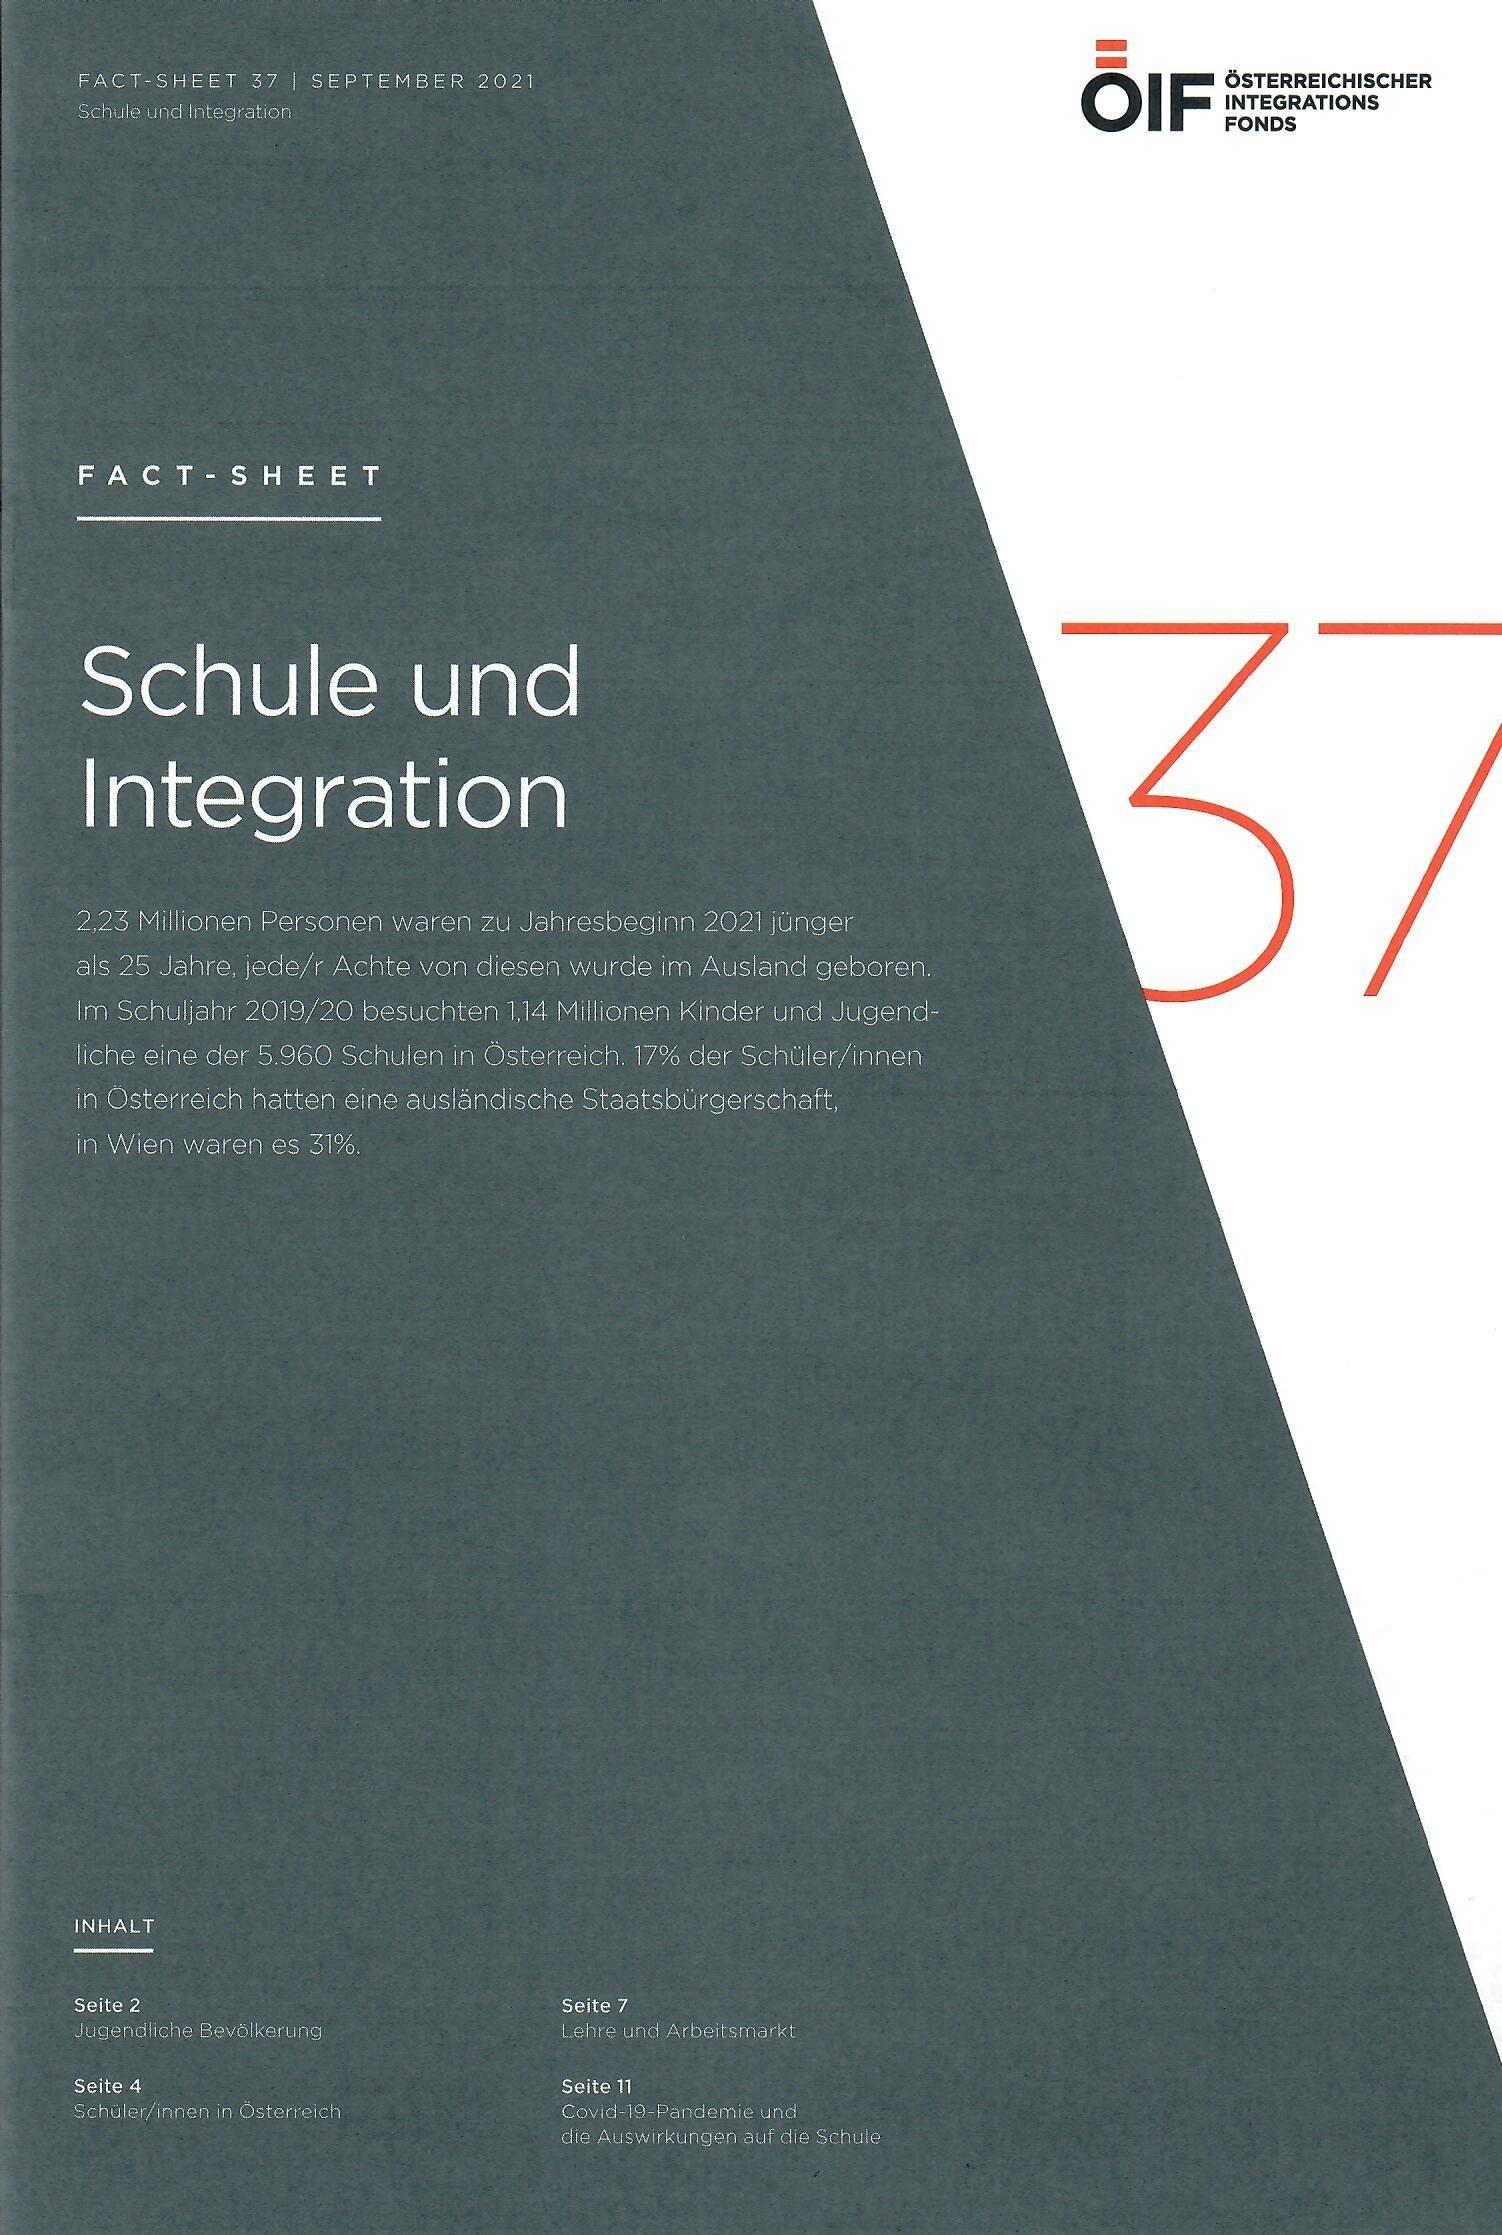 Fact Sheet Schule und Integration